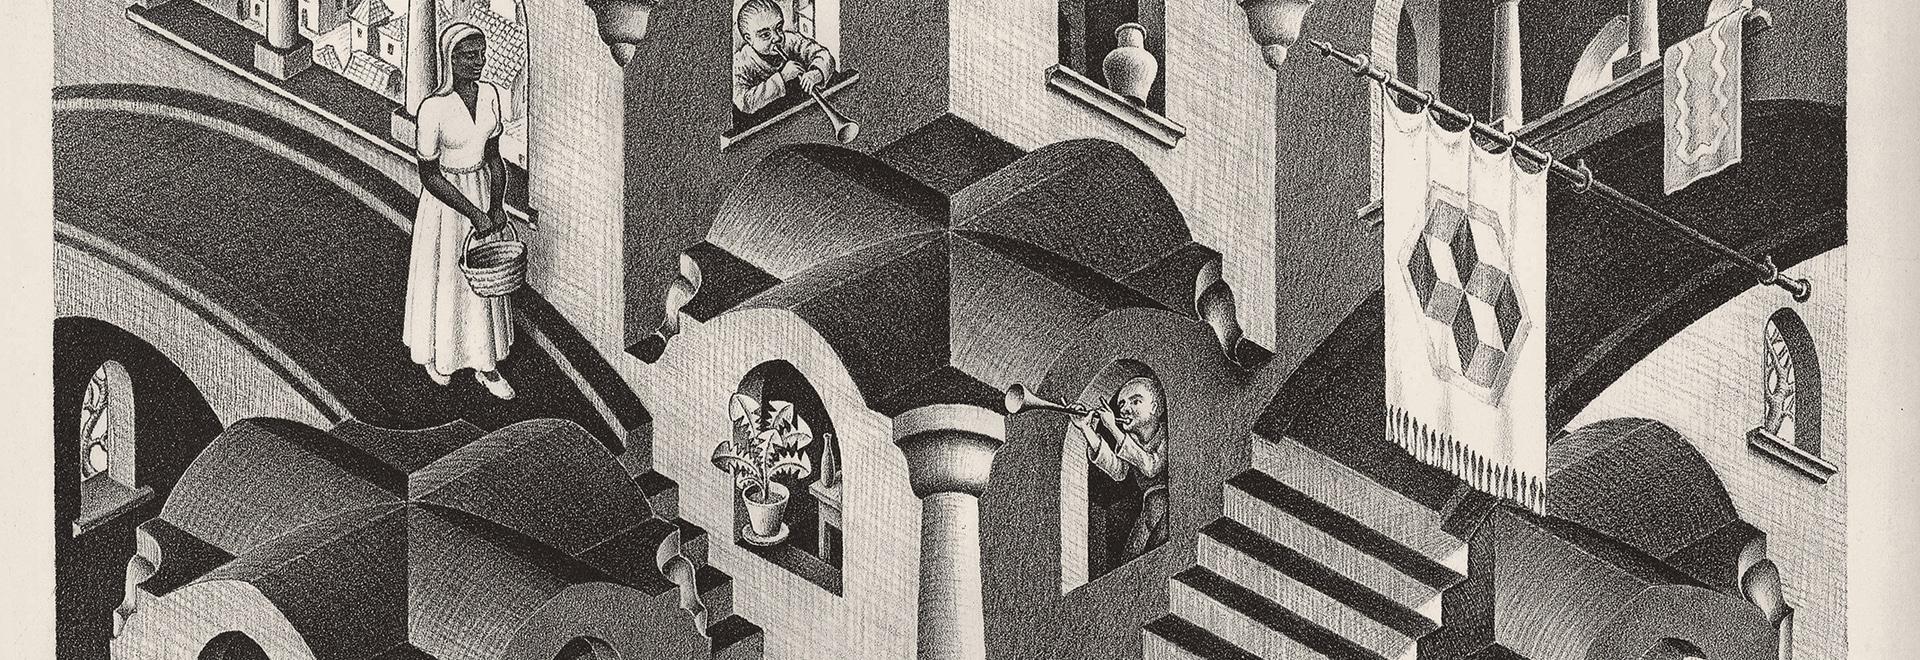 Reggiani illumina il mondo meraviglioso di Escher